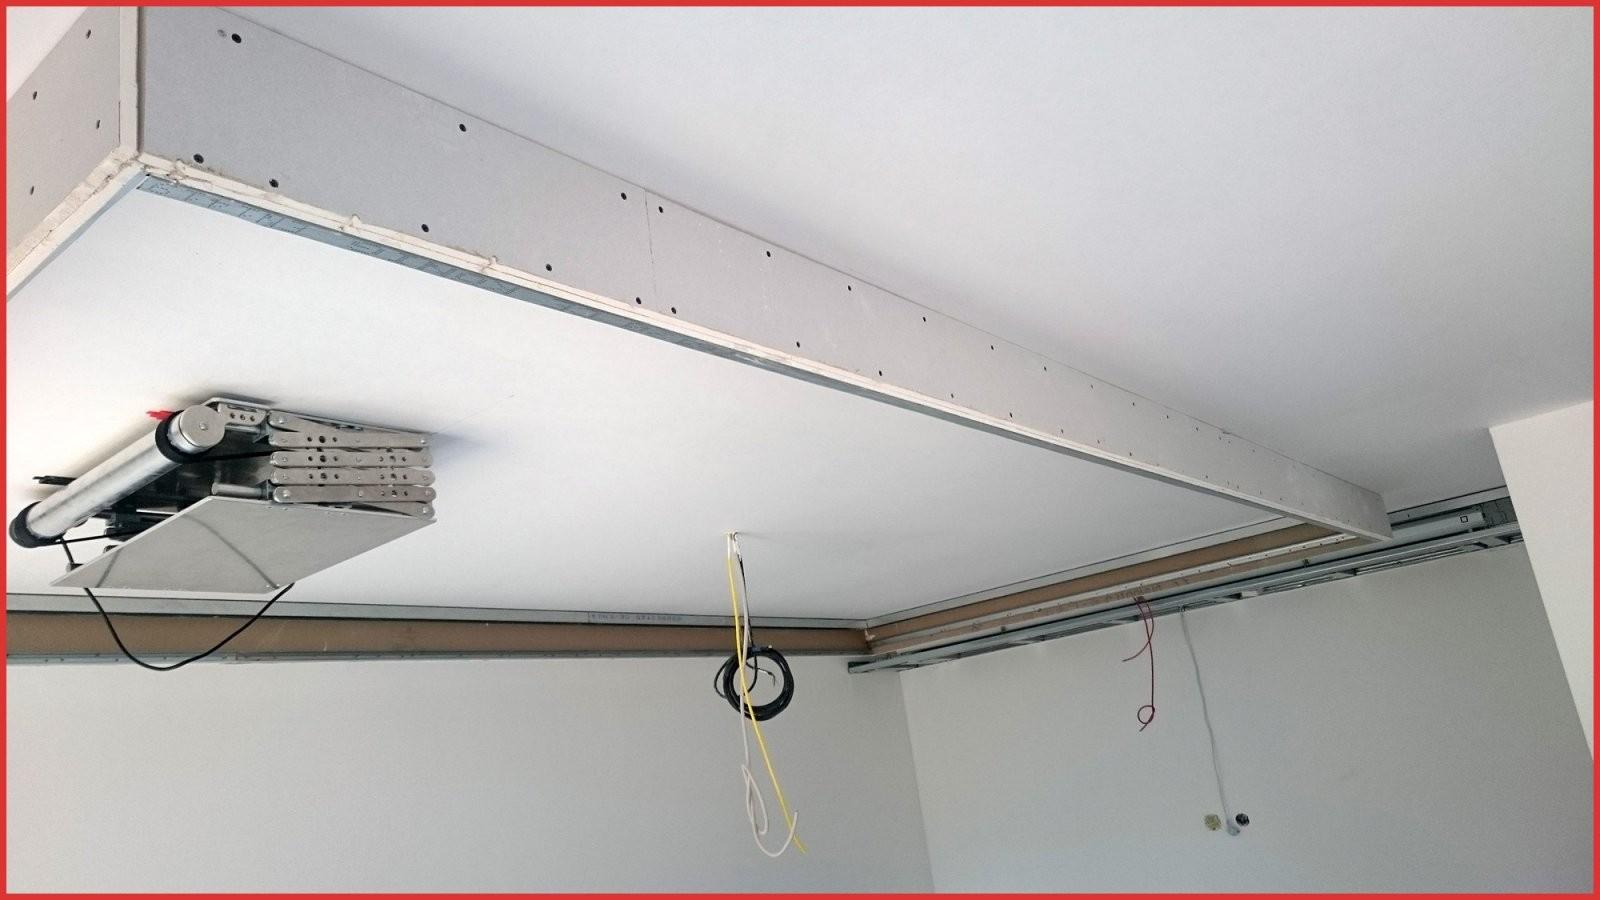 Indirekte Beleuchtung Selber Bauen Rigips 100970 20 Bilder Indirekte von Indirekte Deckenbeleuchtung Selber Bauen Bild